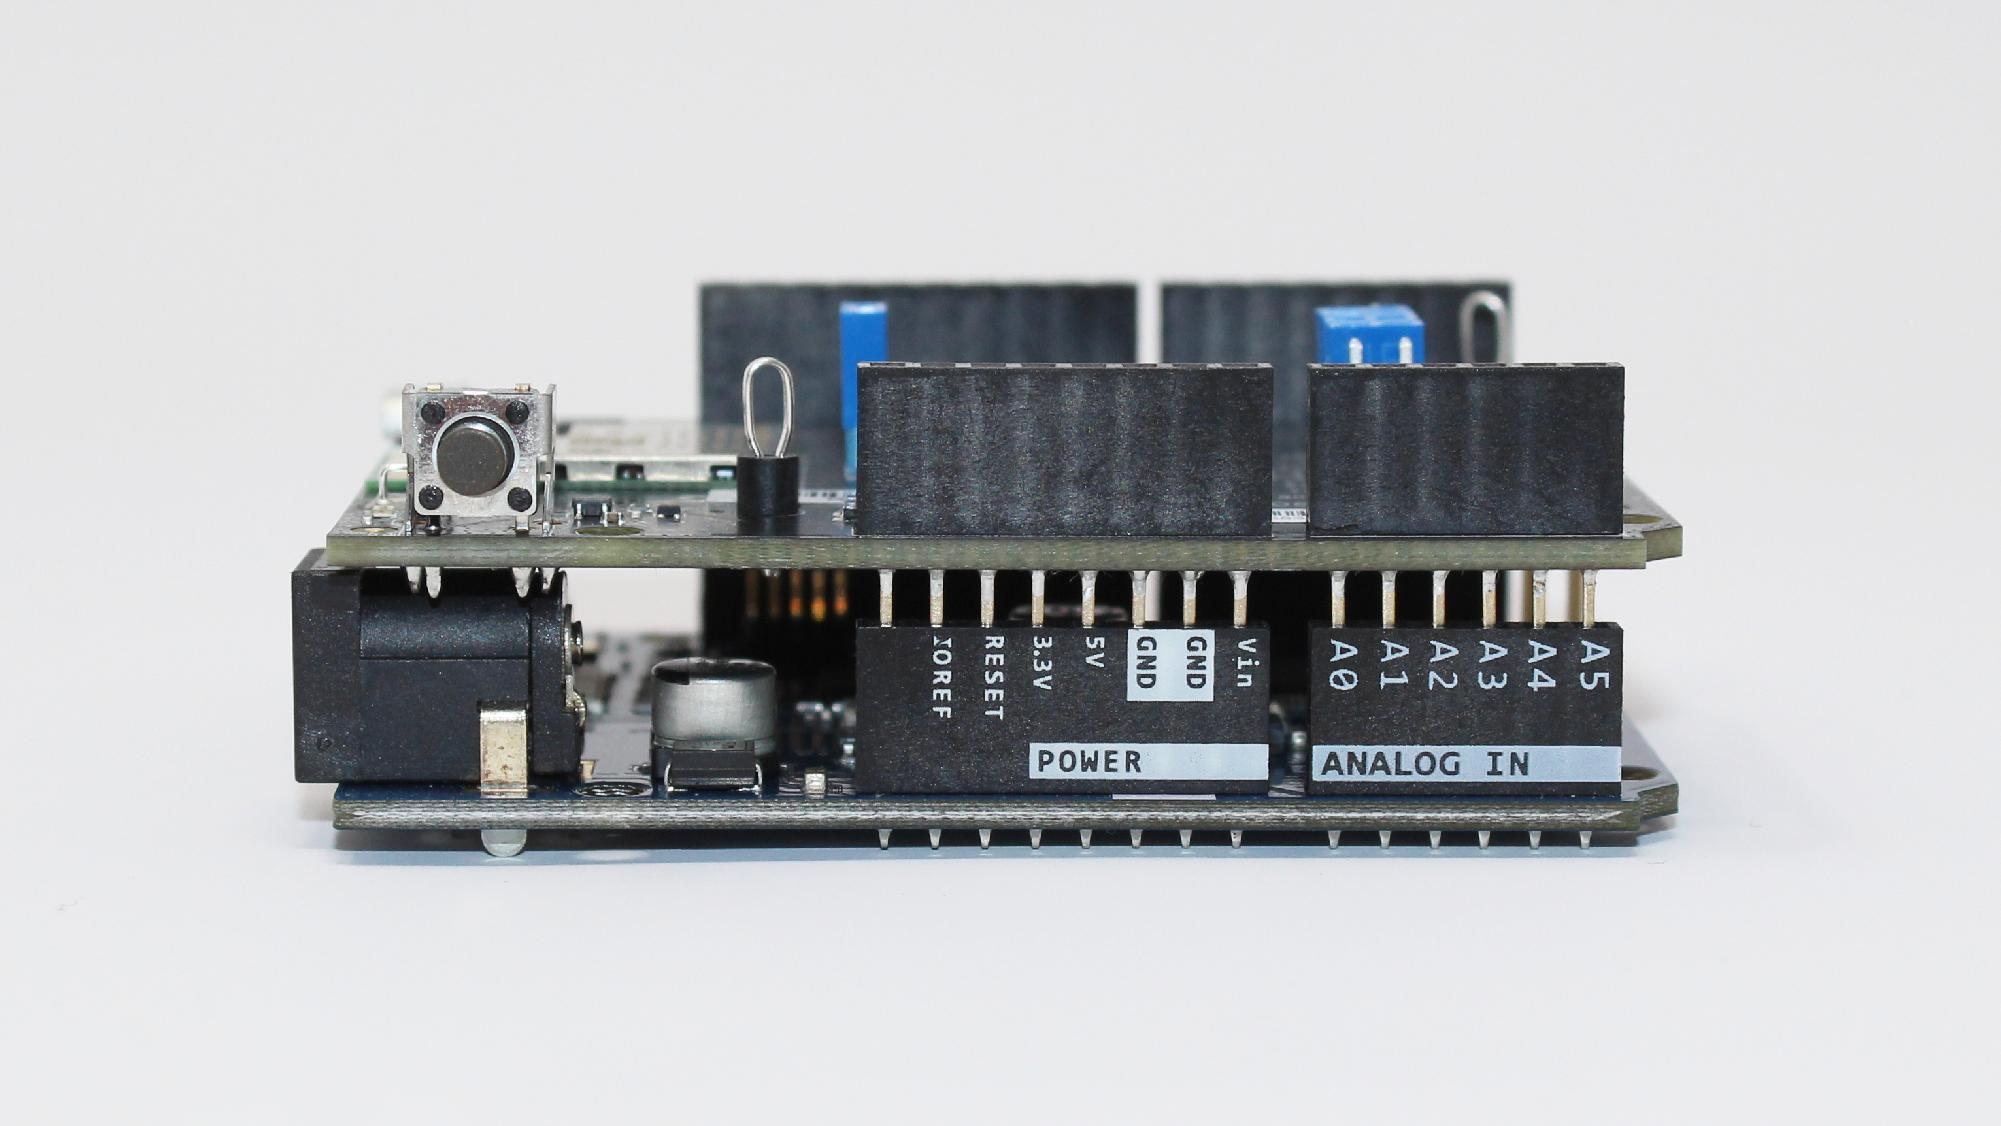 Connected development board and Arduino Zero